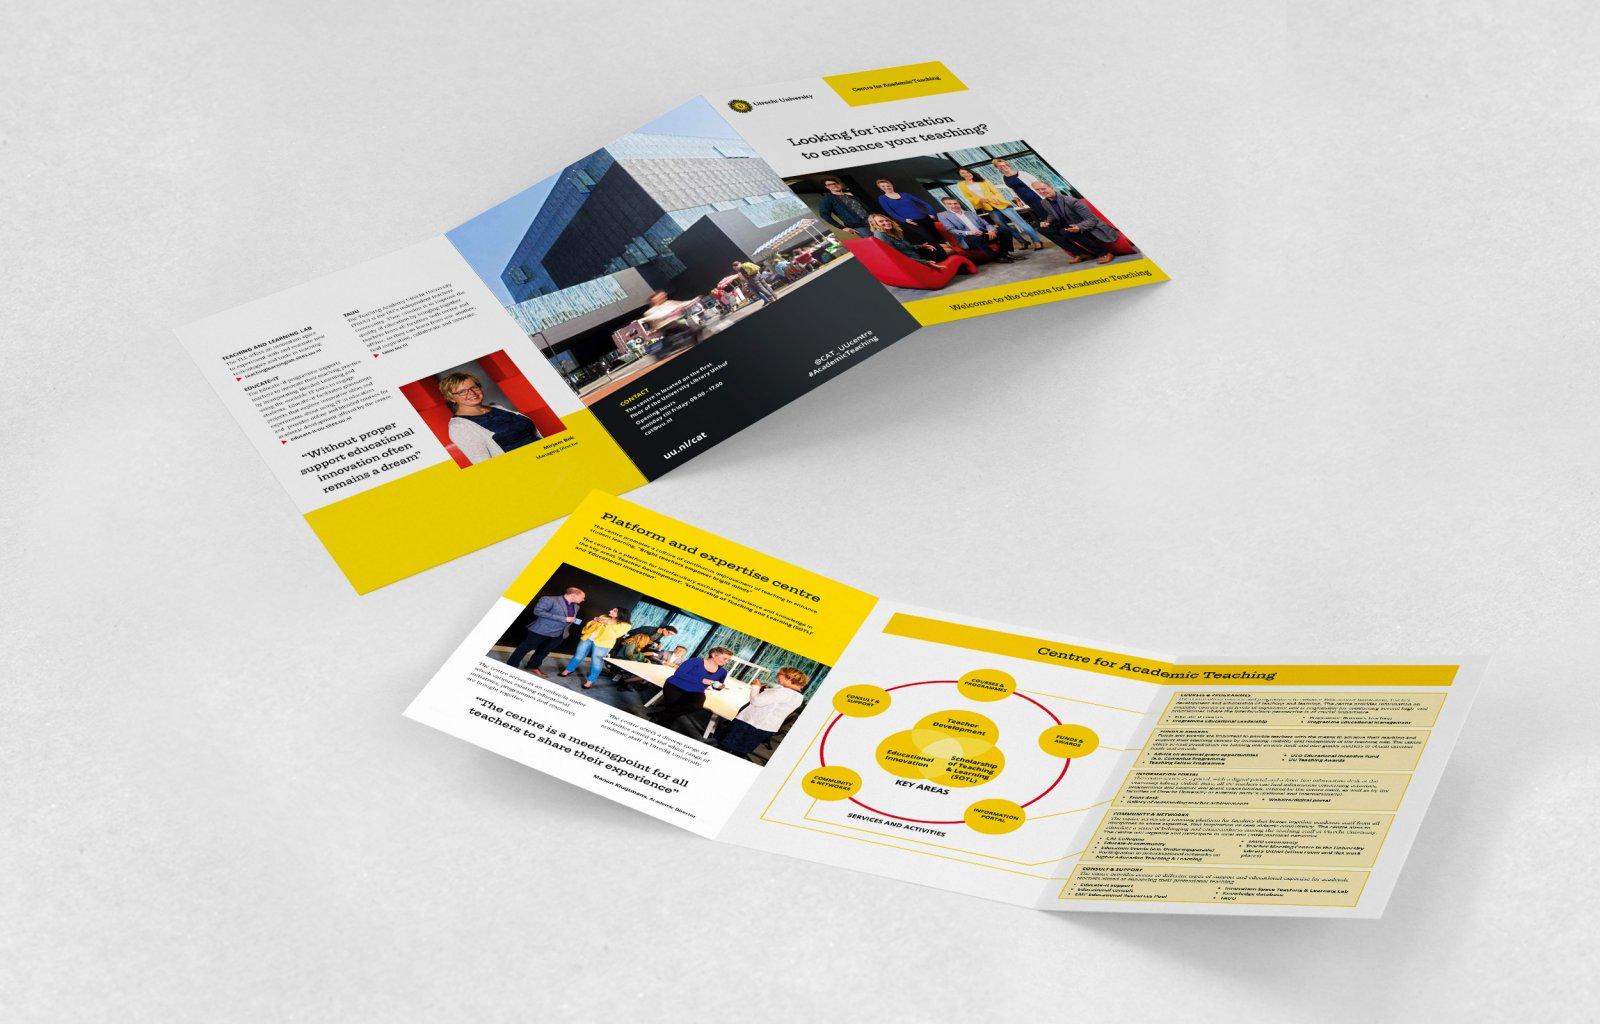 Centre for Academic Teaching, Leaflet